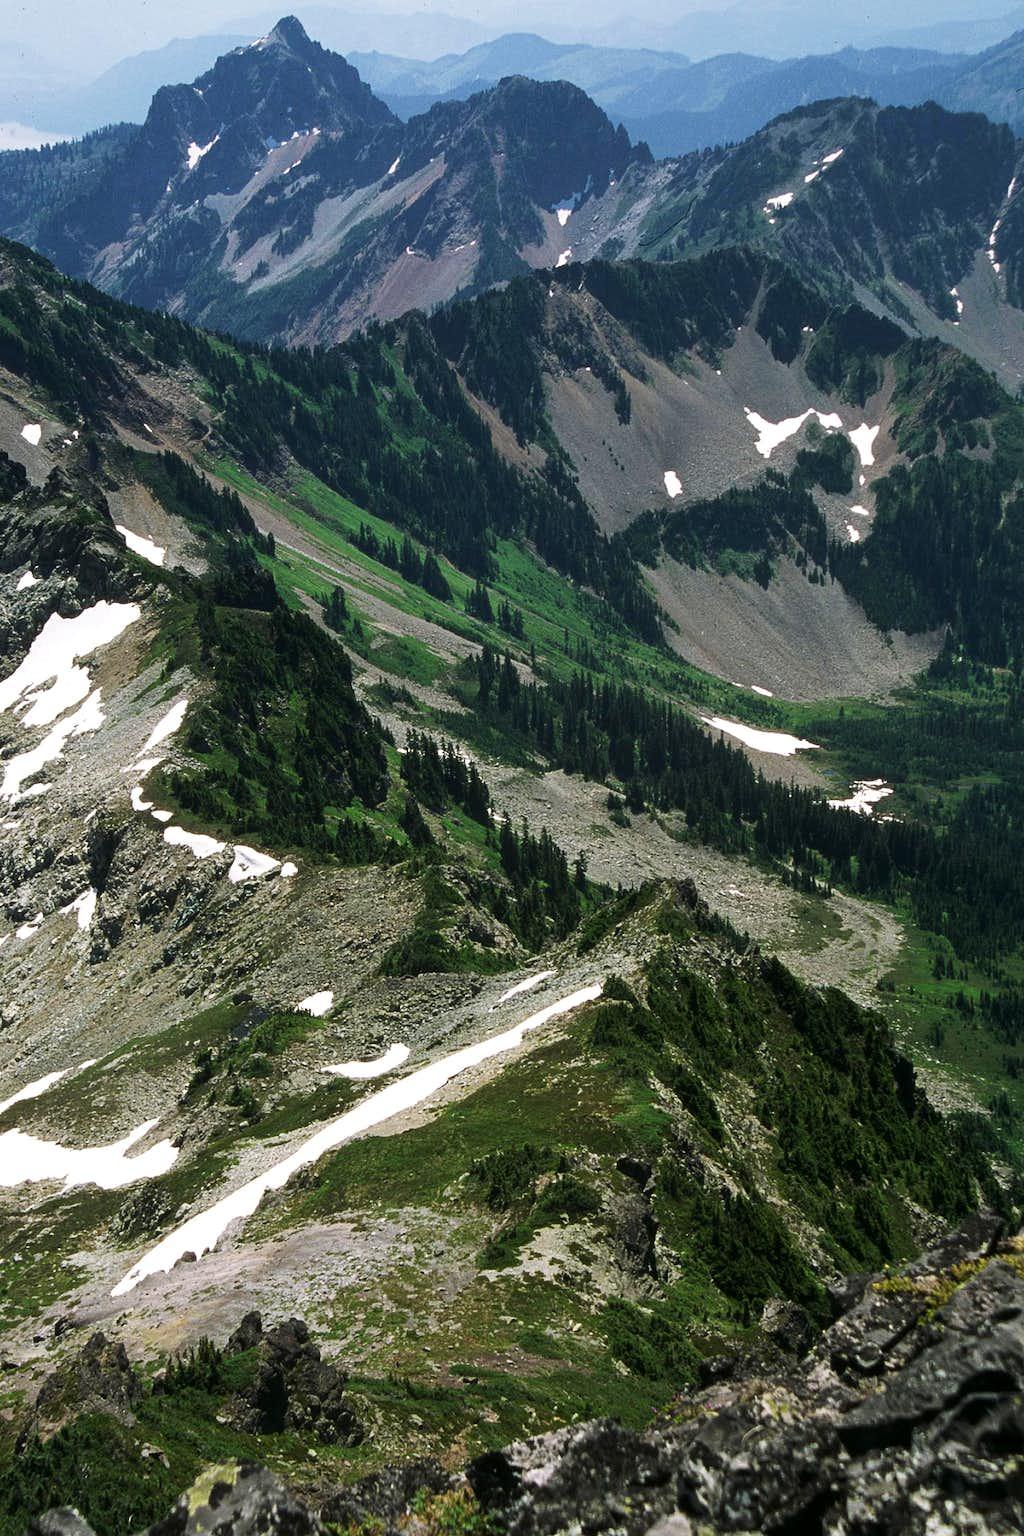 Chikamin Ridge from Chikamin Peak